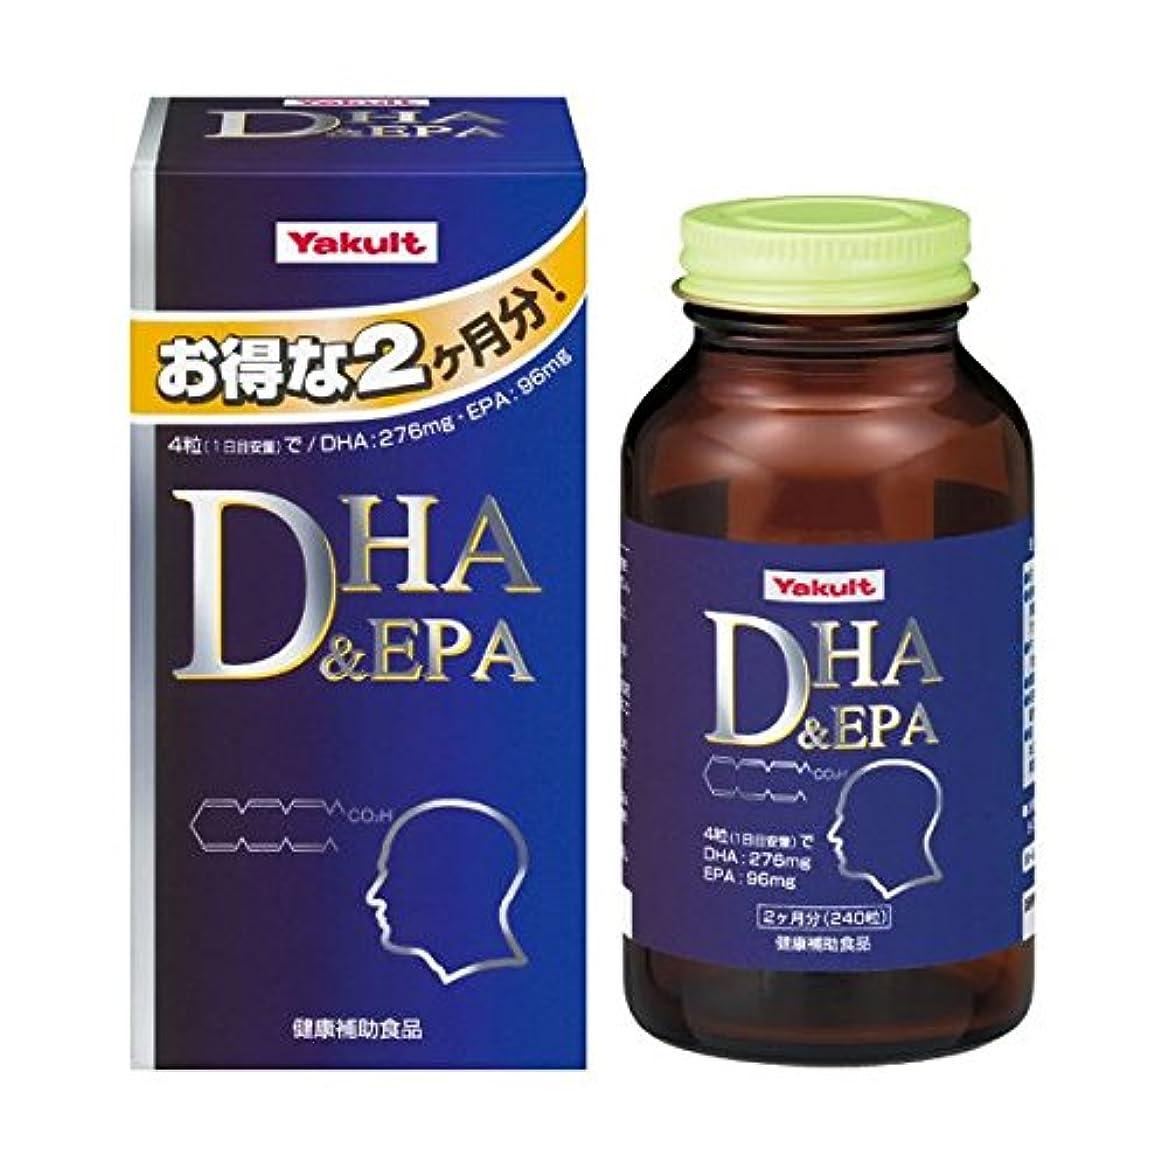 陰謀隣接する端ヤクルト DHA&EPA 450mg×240粒【2個セット】